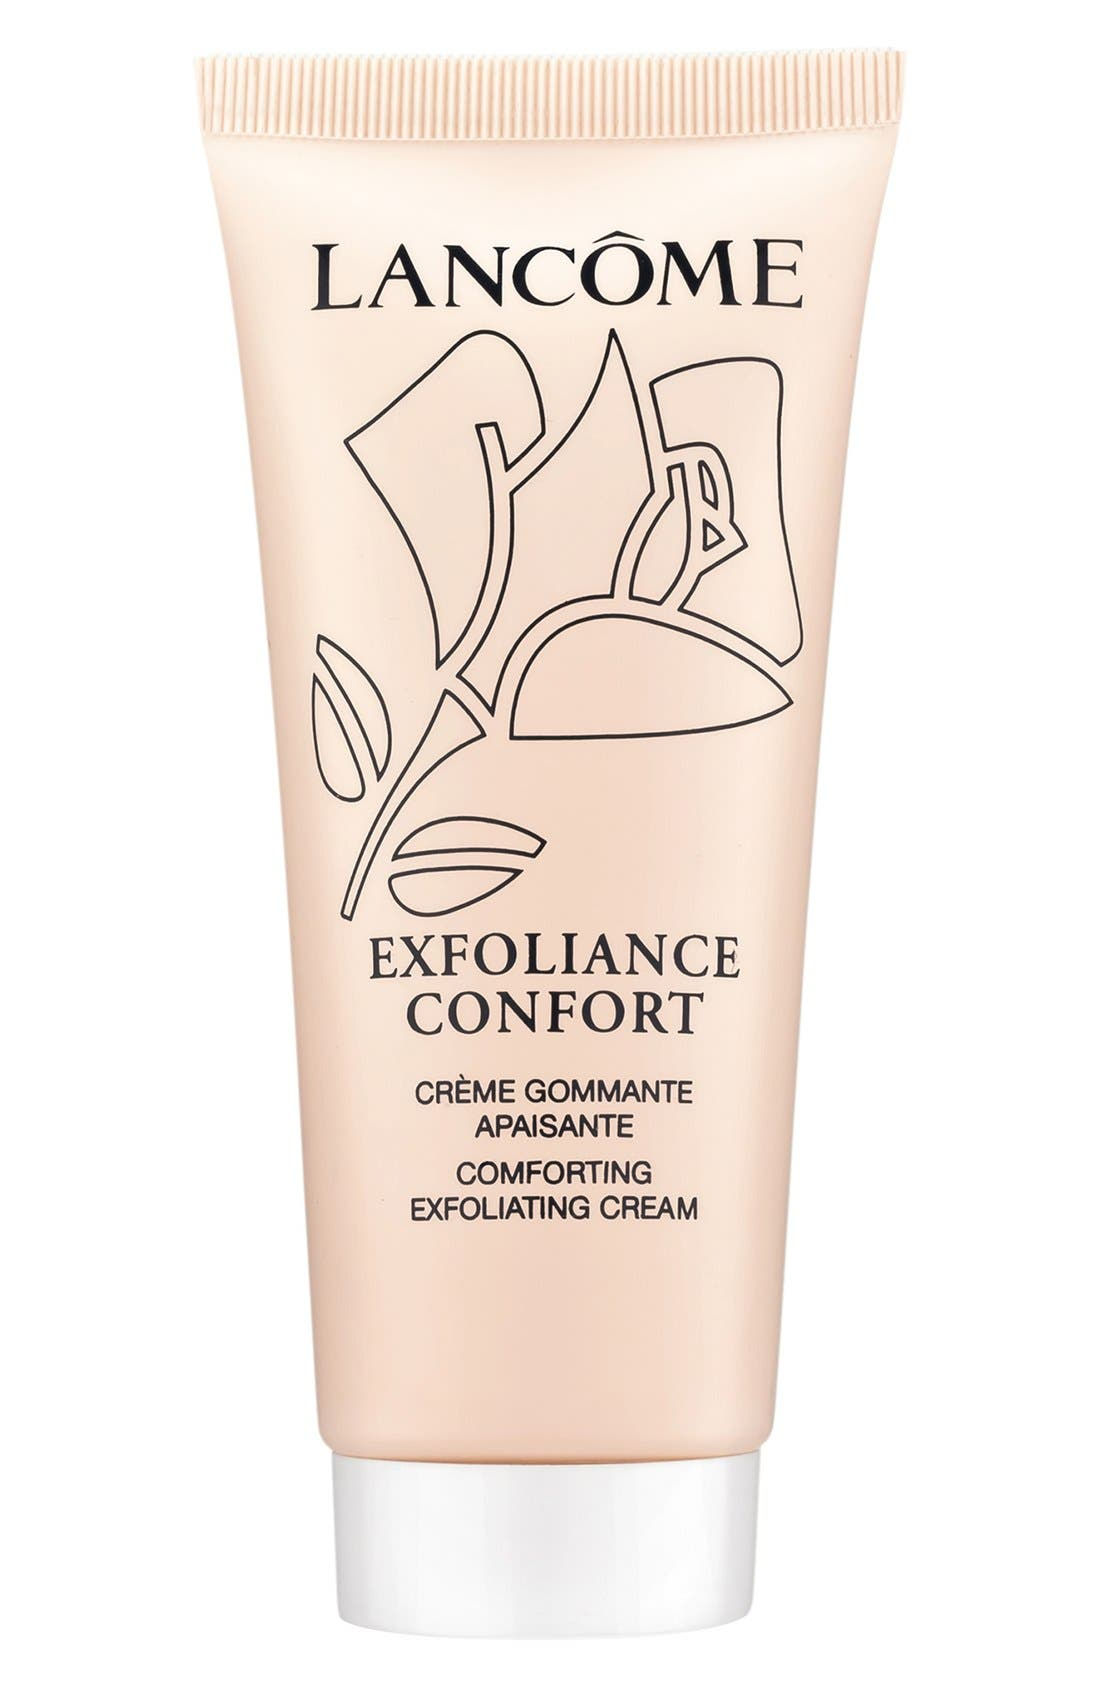 Exfoliance Confort Comforting Exfoliating Cream,                         Main,                         color,